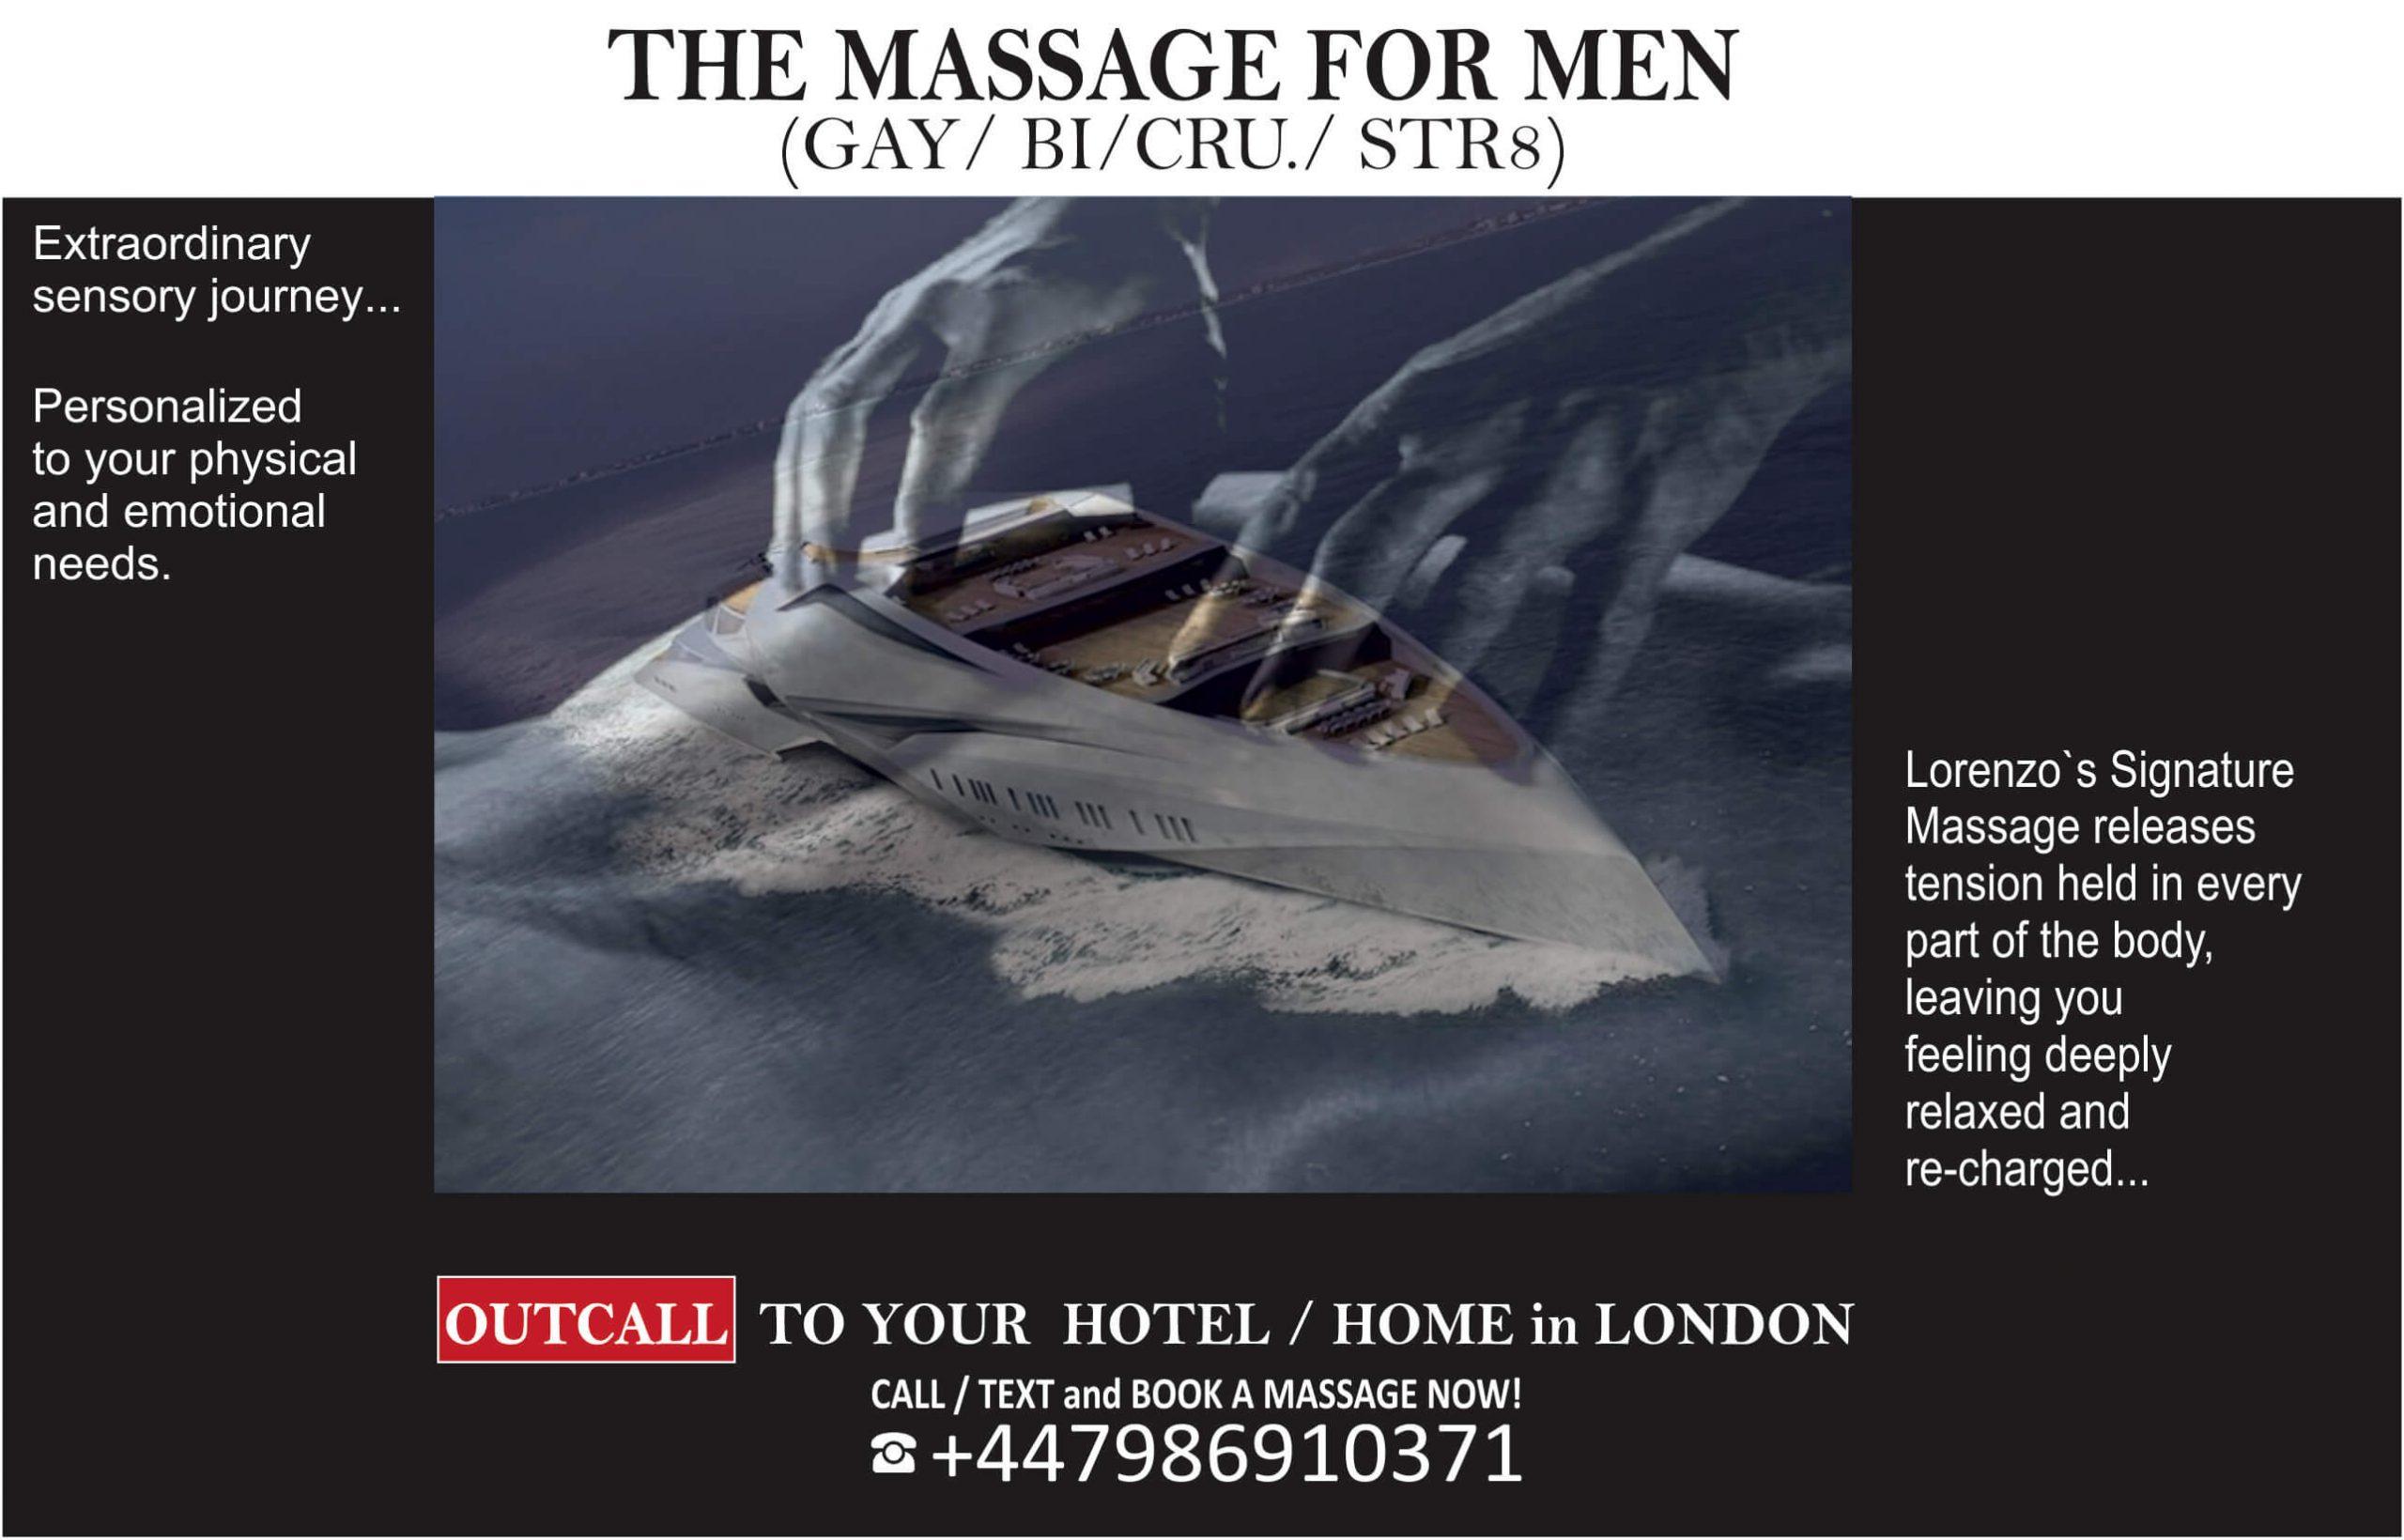 male massage london gay massage london male massage gay massage male to male massage best male massage full body massage male urban massage massage london male massage (13)